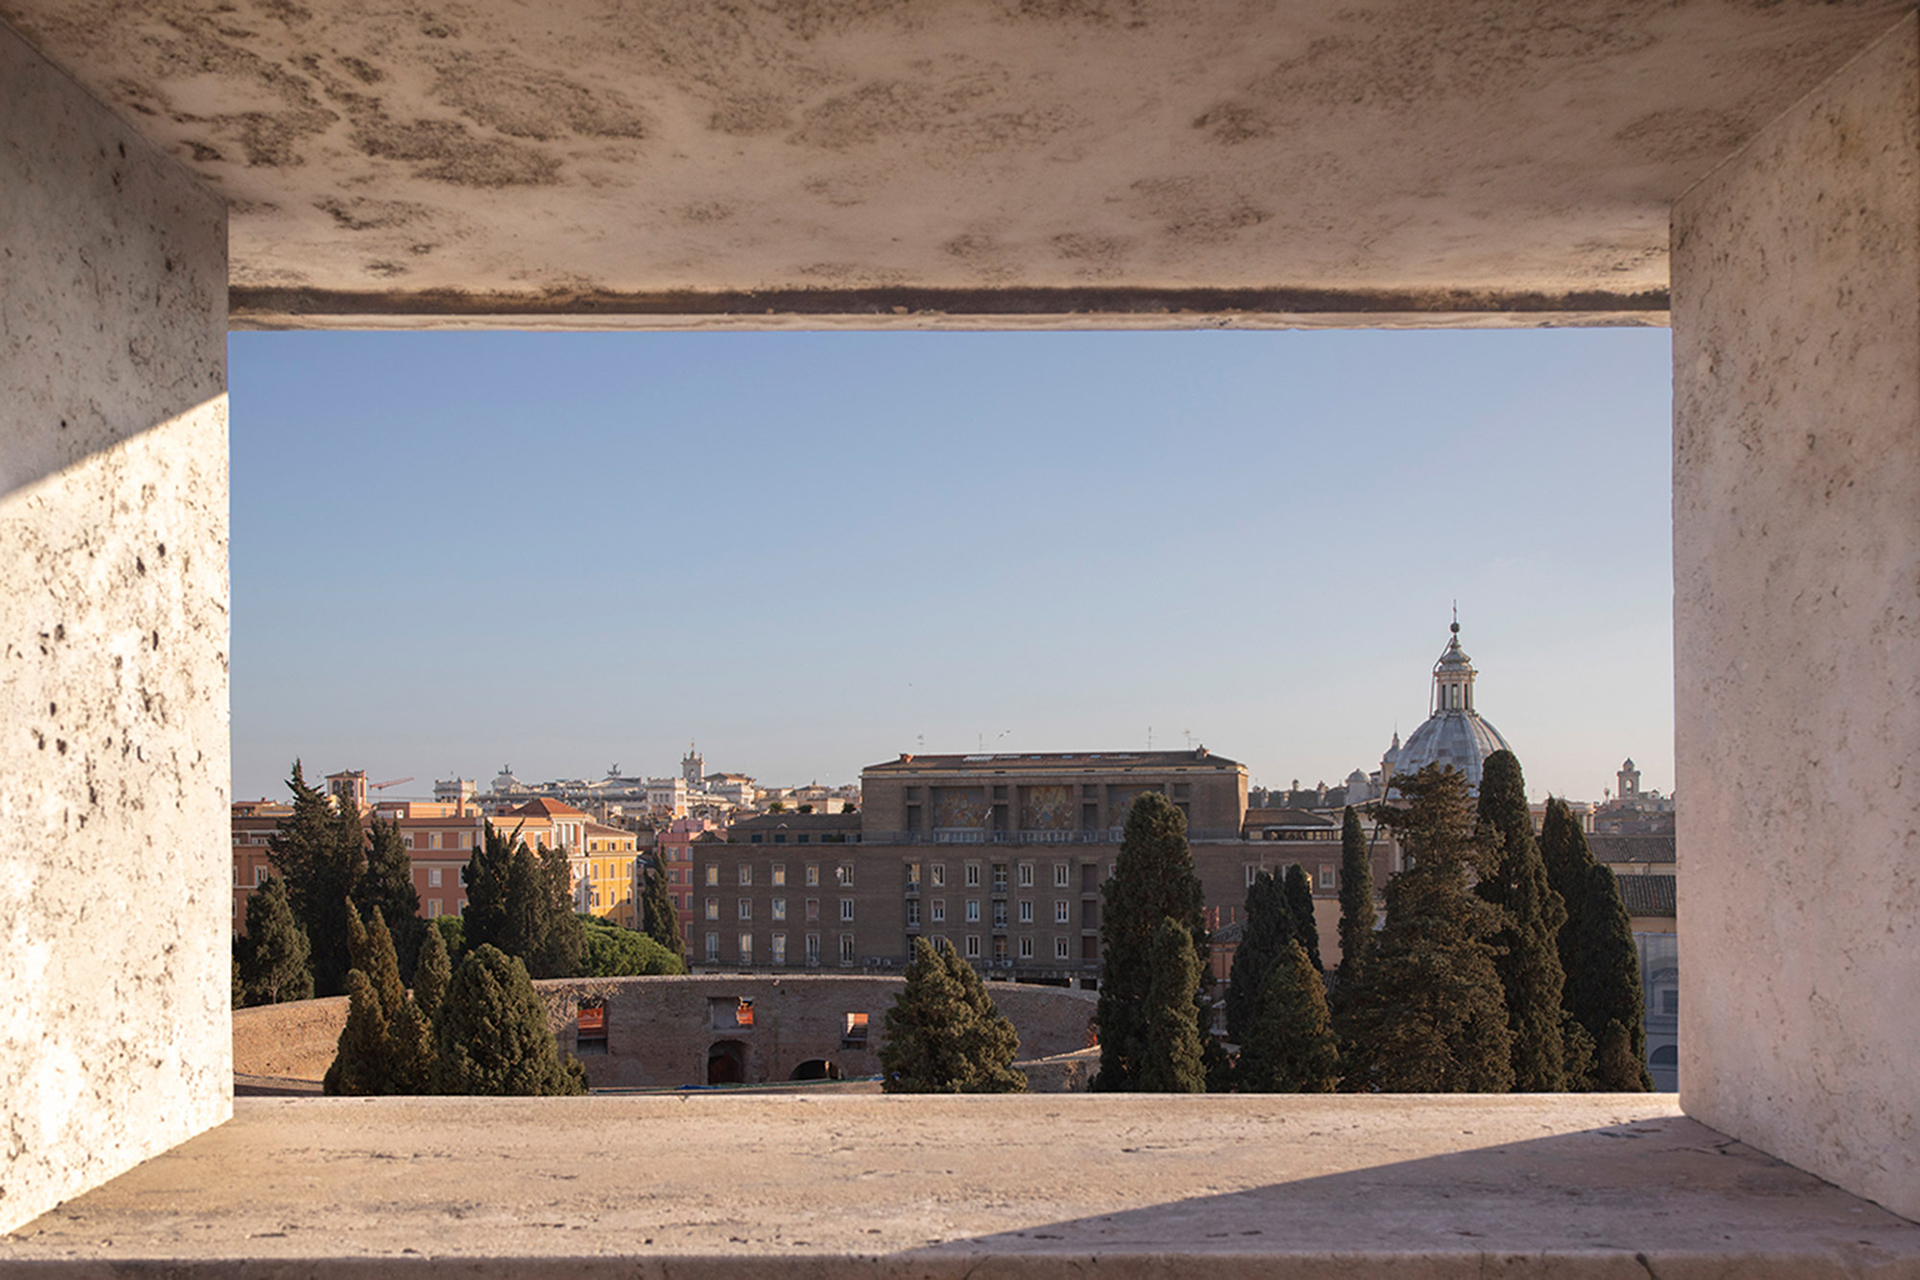 Отель Bvlgari построят в Риме